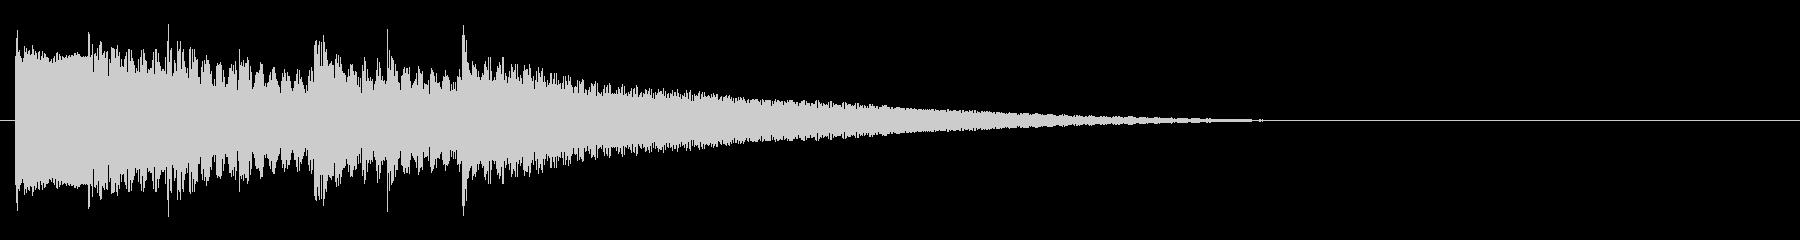 王道RPG5 レアカード レベルアップの未再生の波形